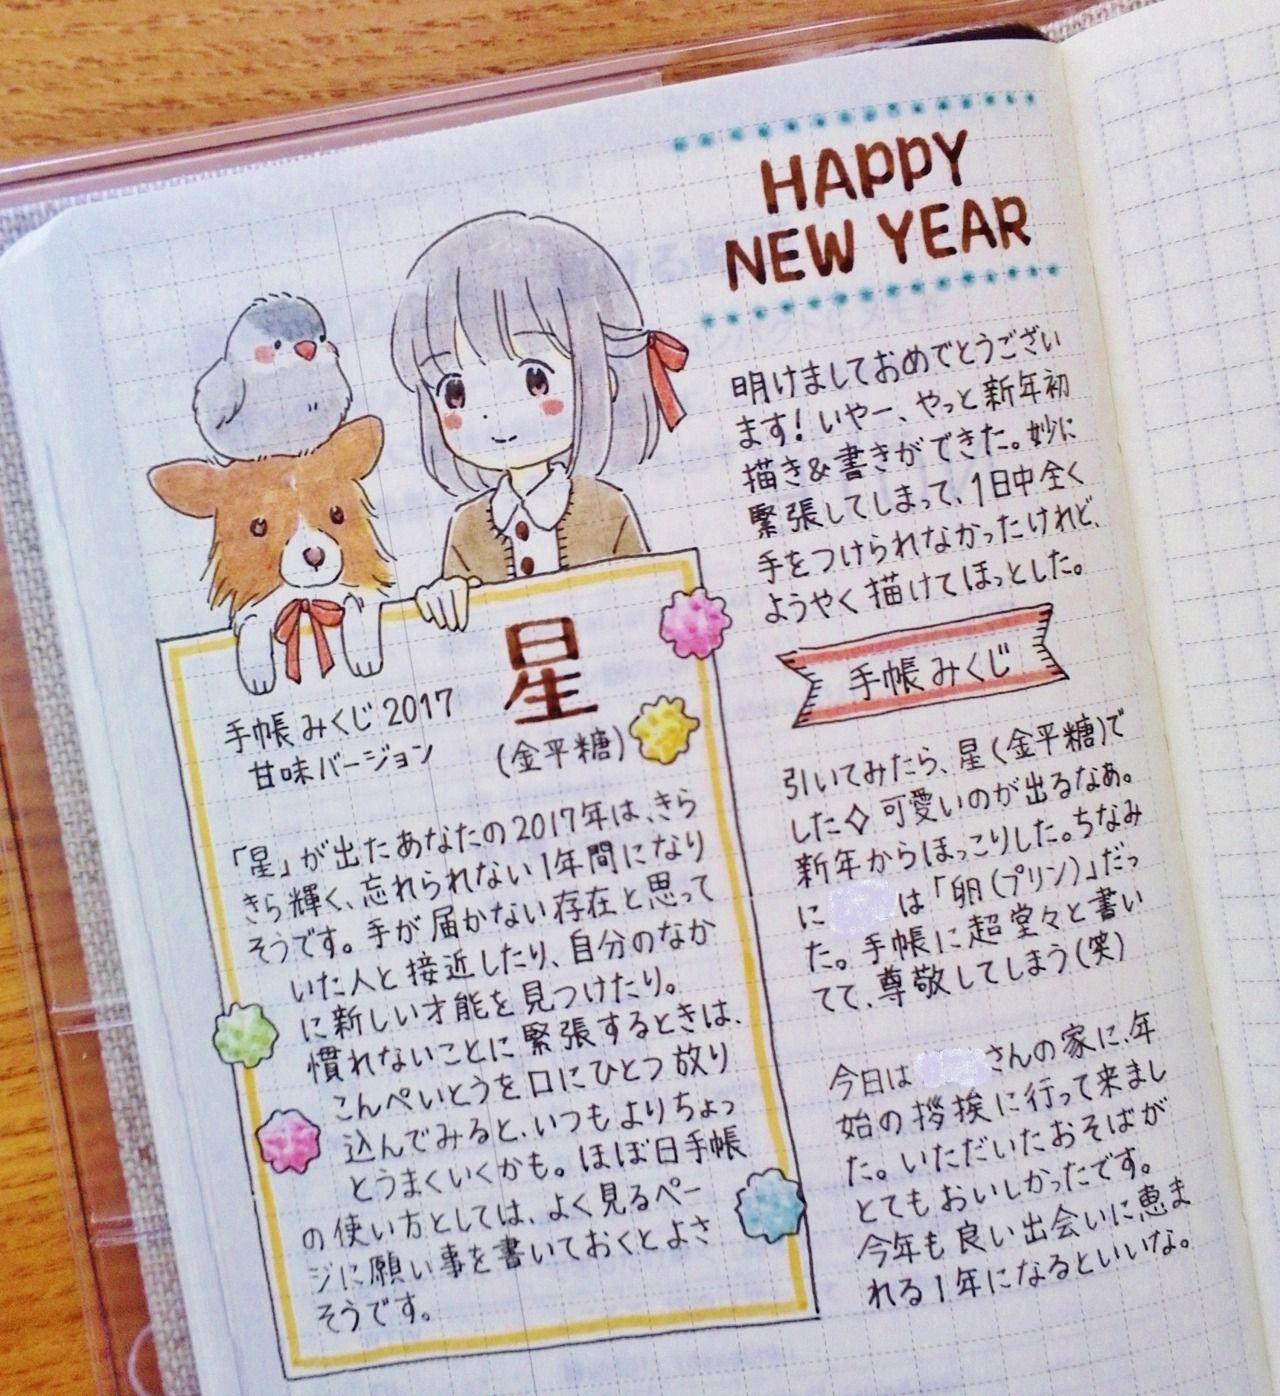 あけましておめでとうございます いつも をつけていただきありがとうございます 今年もよろしくお願い致します スケッチ日記 かわいい手帳 スクラップブックジャーナル